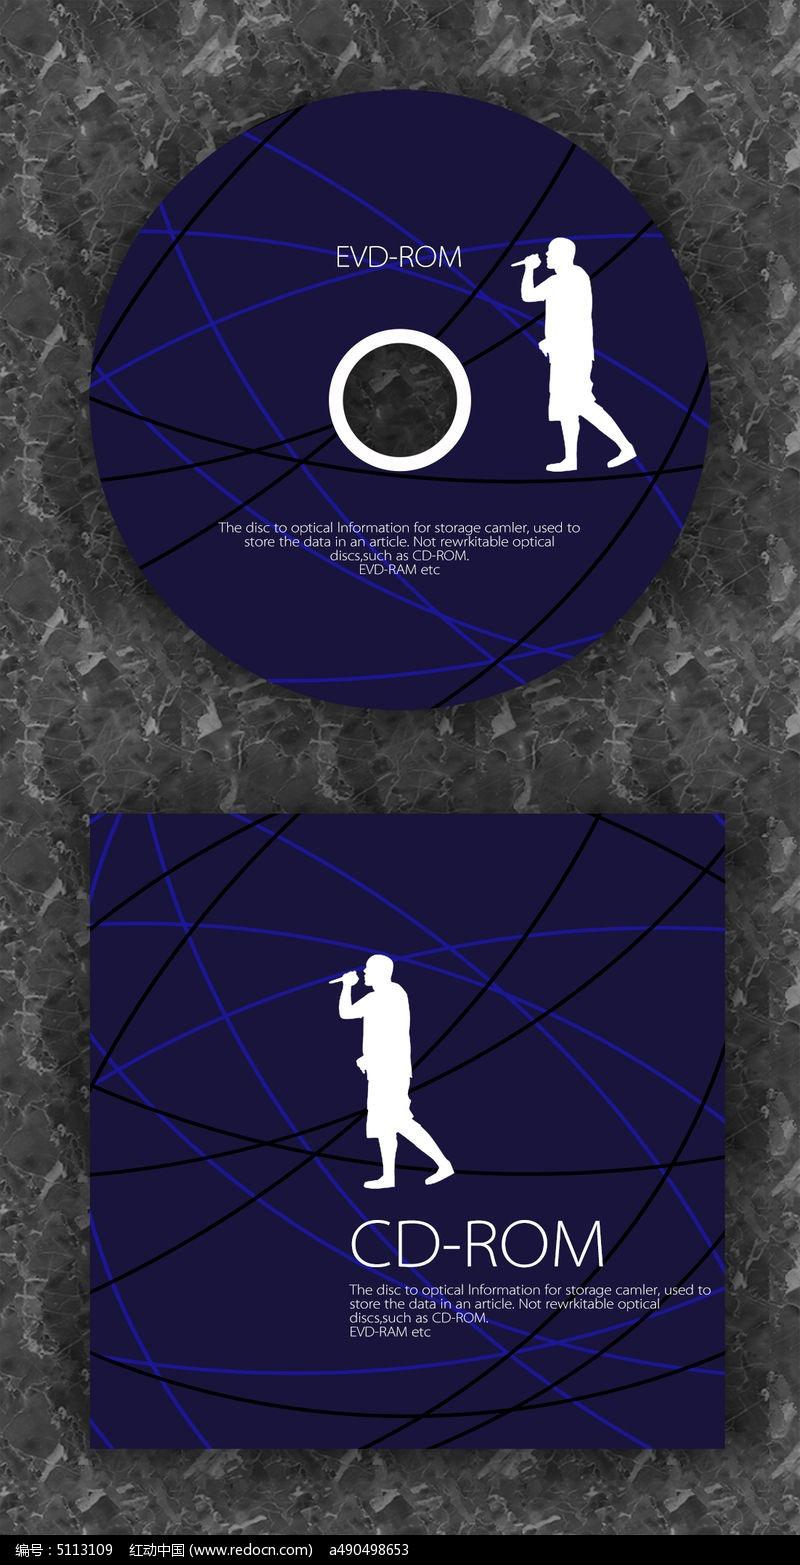 原创设计稿 包装设计/手提袋 光盘|cd|封套 演唱会音乐时光cd光盘设计